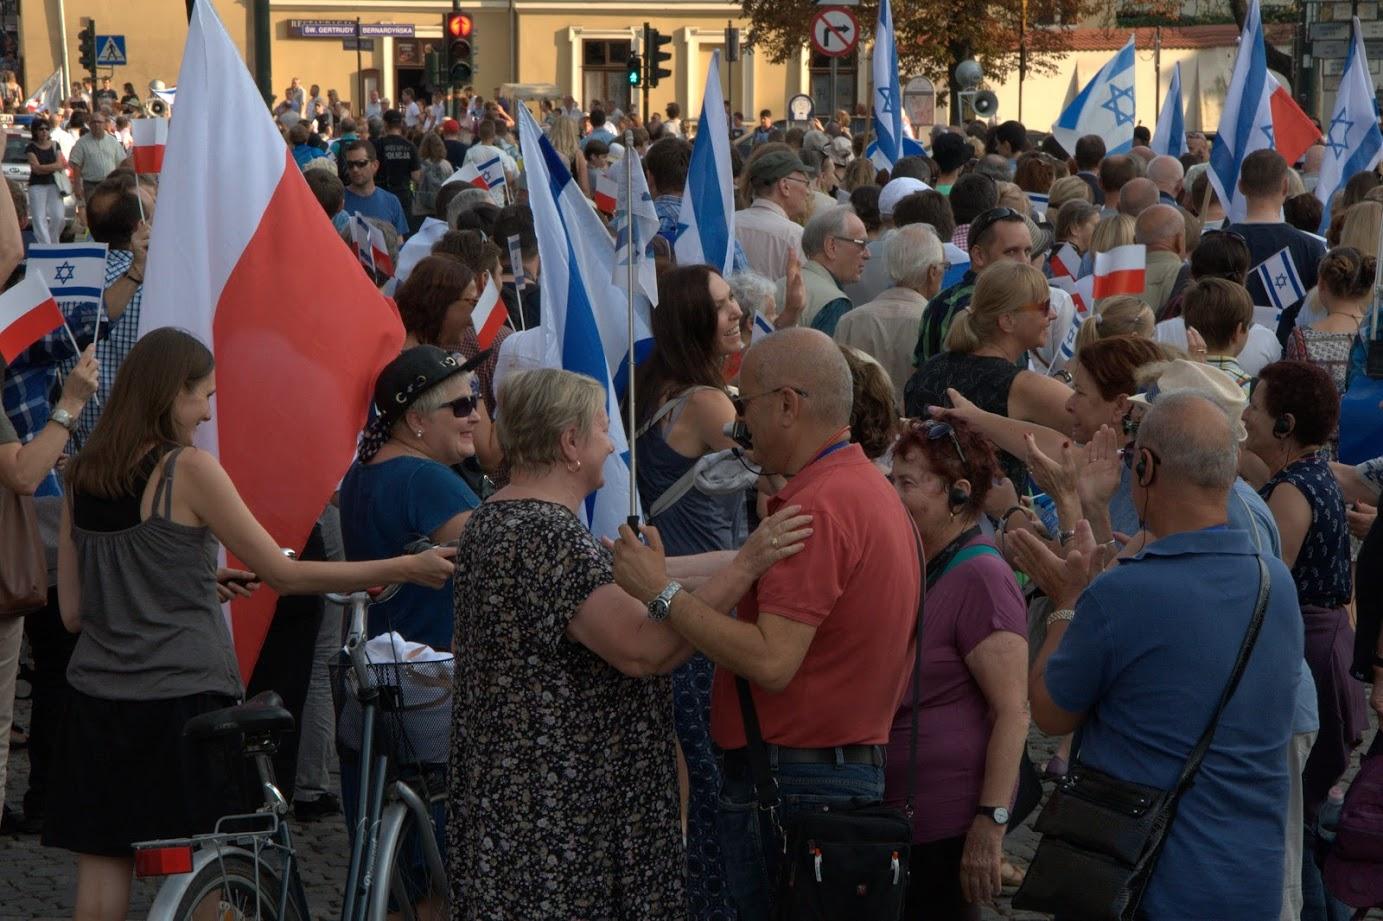 4-marsz-pamieci-zycia-w-krakowie-fundacja-polania-pl